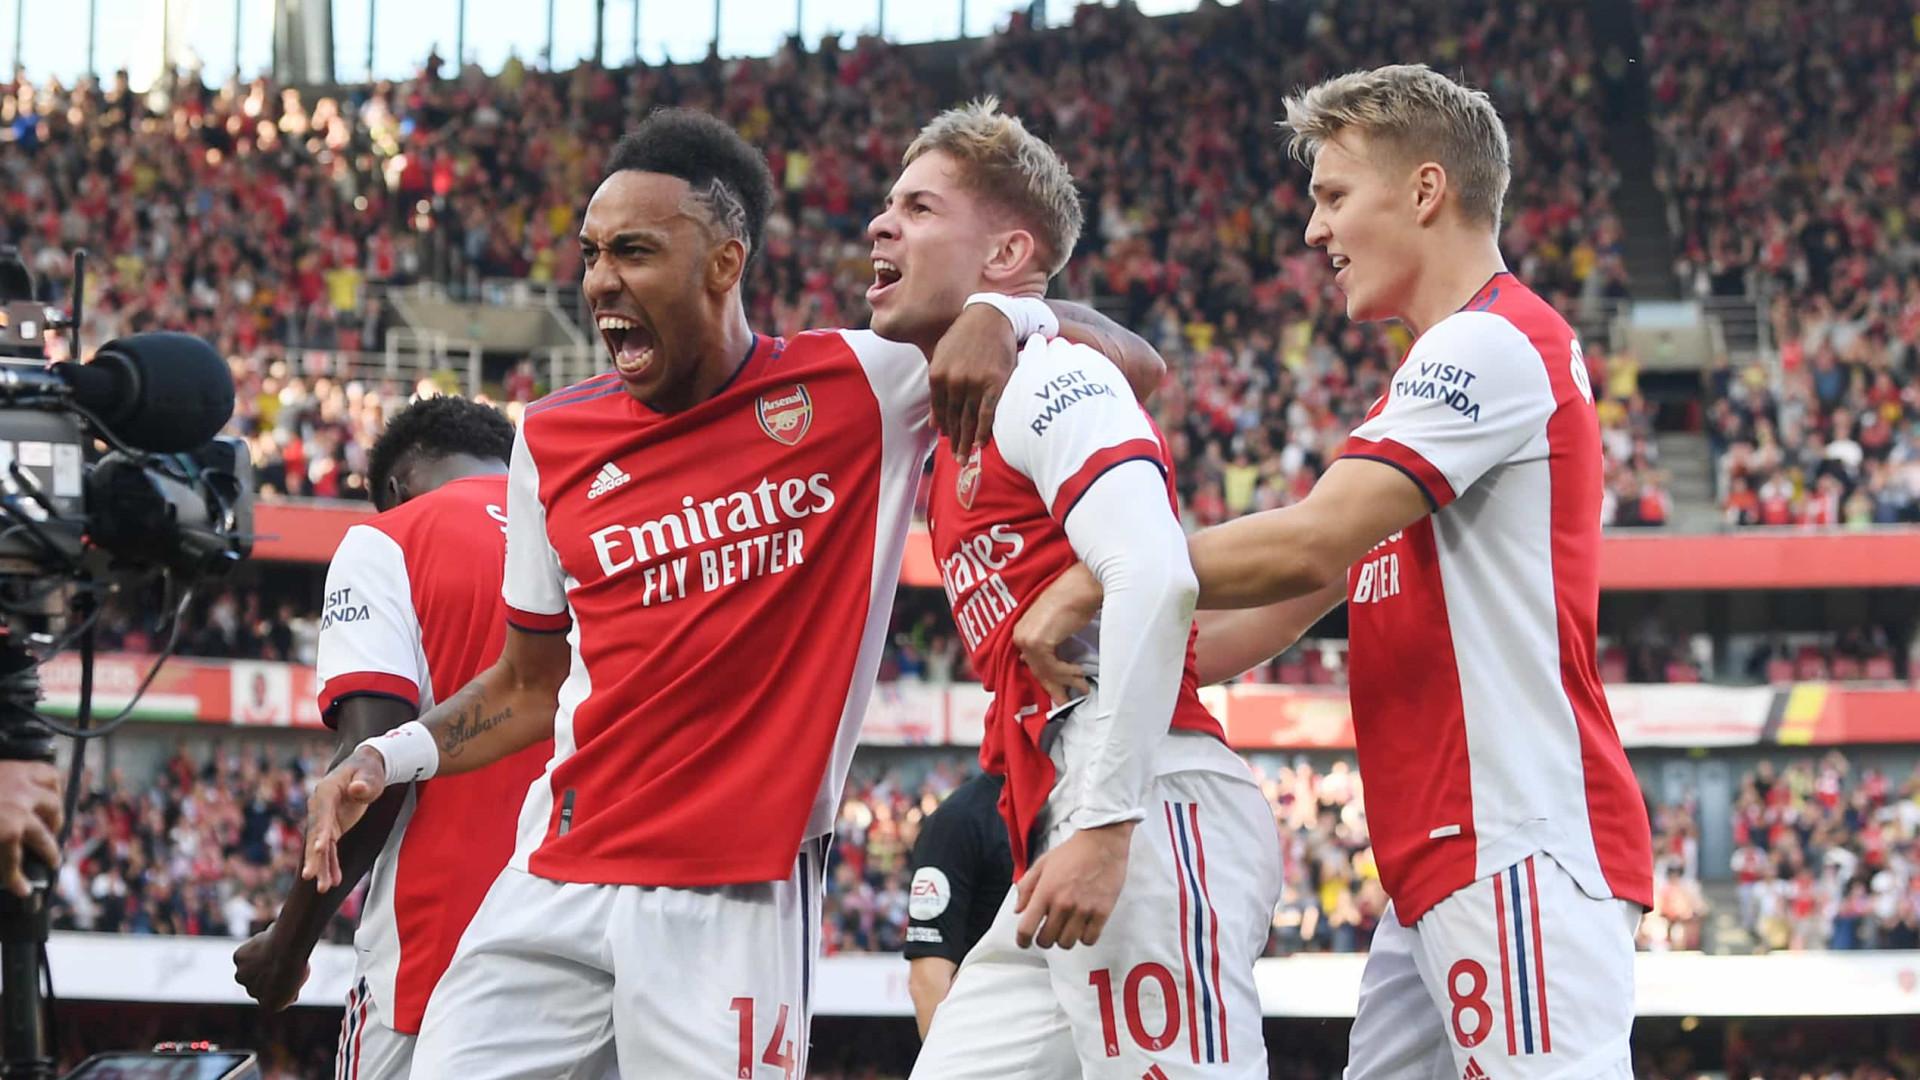 Arsenal vence clássico com o Tottenham após primeiro tempo perfeito e três gols